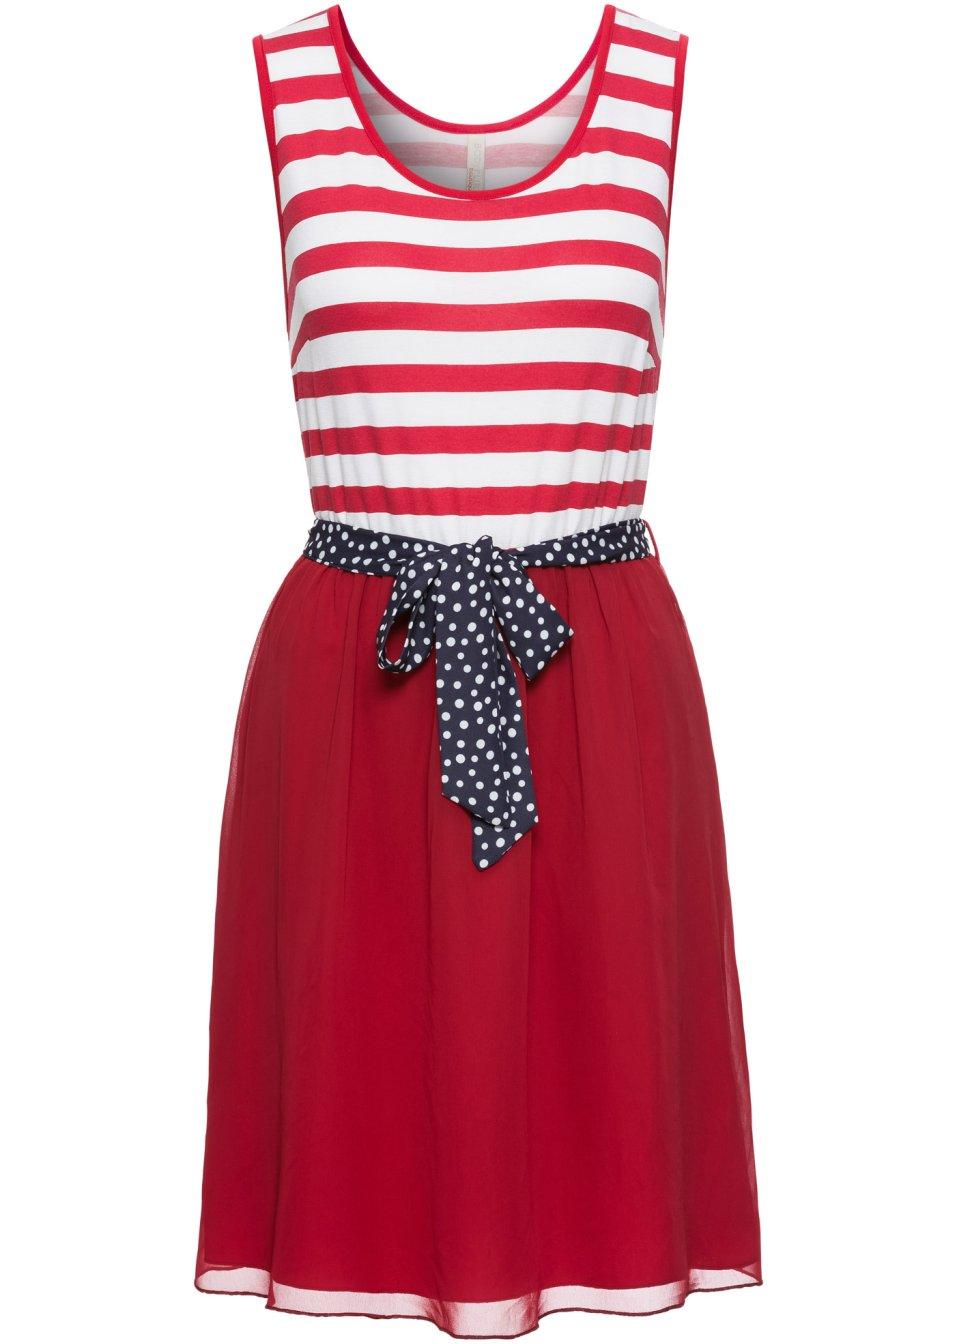 Kleid rot/weiß gestreift - BODYFLIRT boutique - bonprix.de